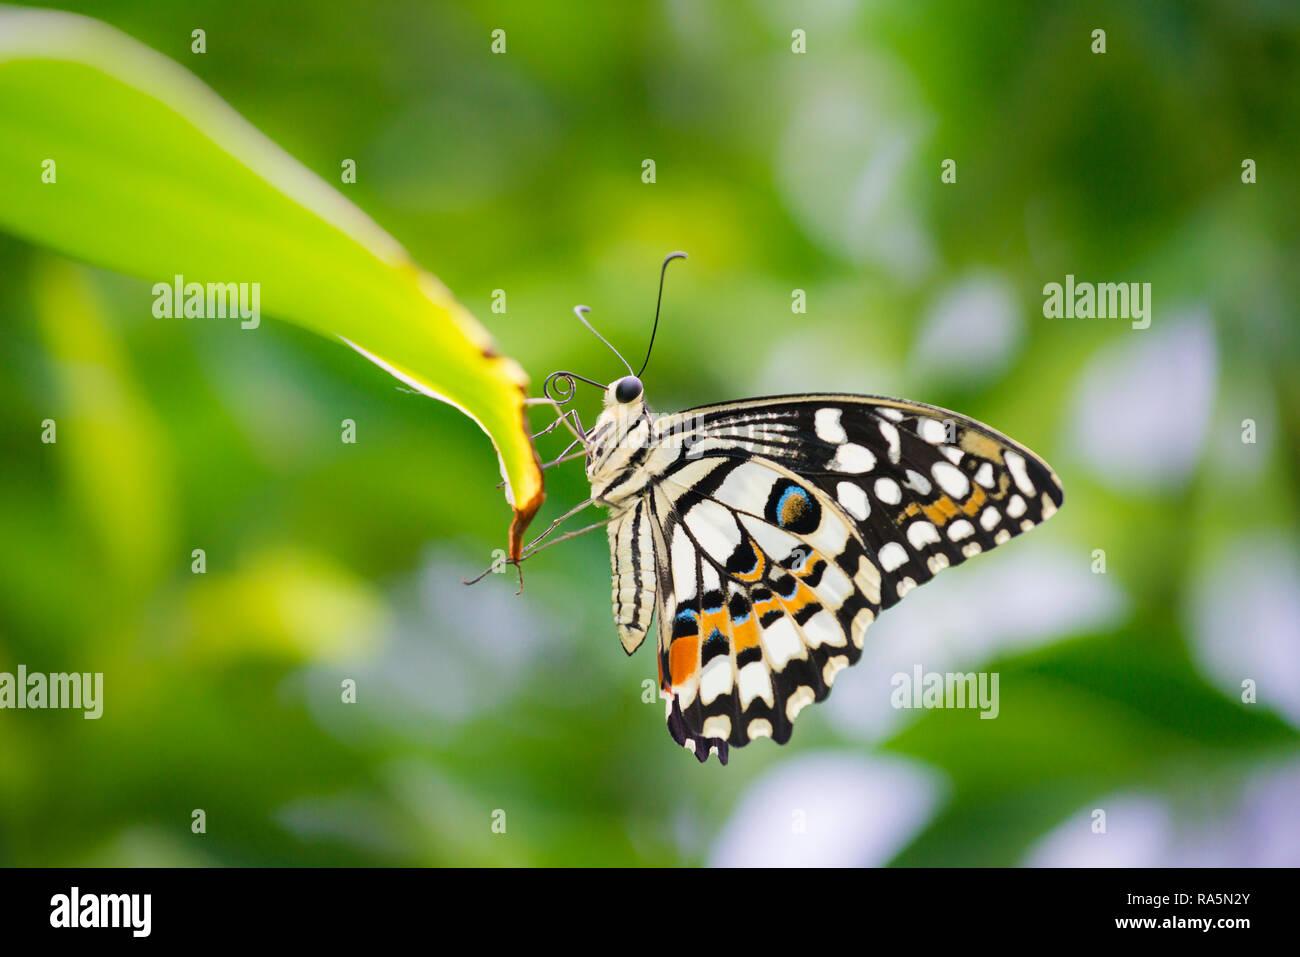 Close up macro di un comune calce a farfalla a coda di rondine in appoggio sulla punta di una foglia verde con fogliame verde in background Immagini Stock